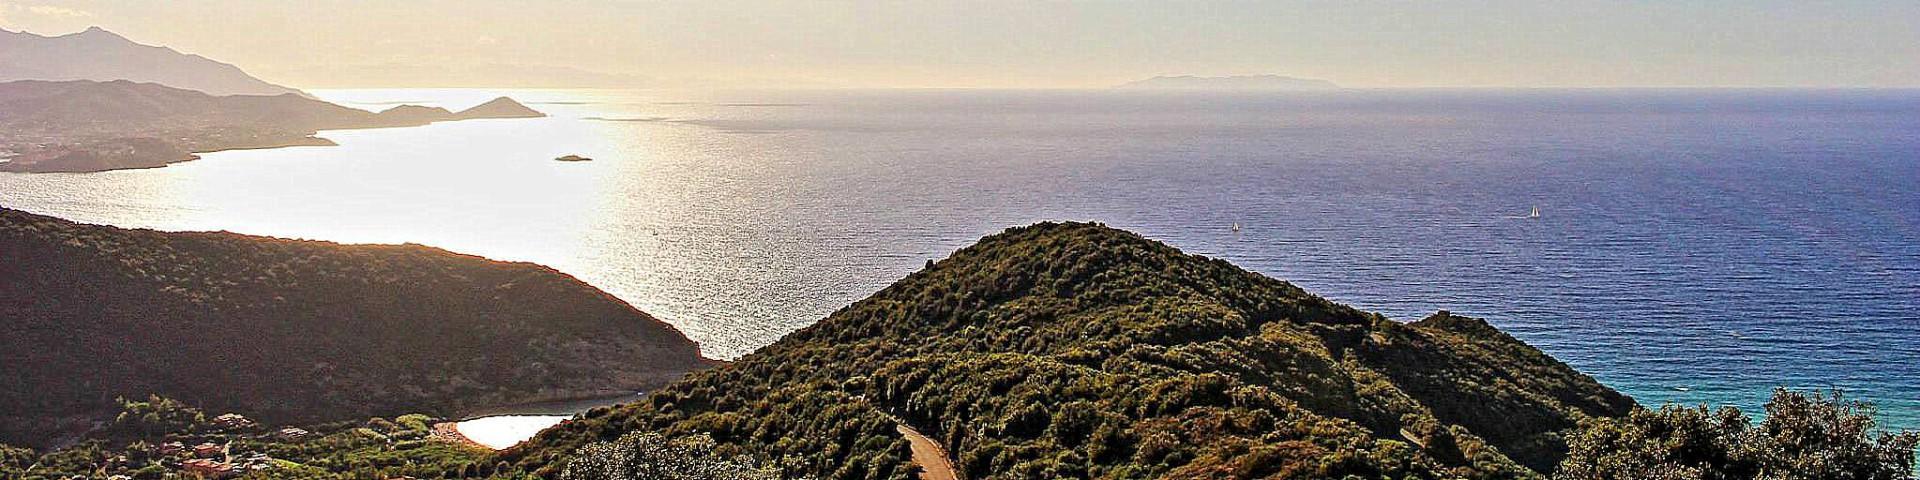 Nisporto a záliv u Porotferraio, které je částečně vidět úplně vlevo